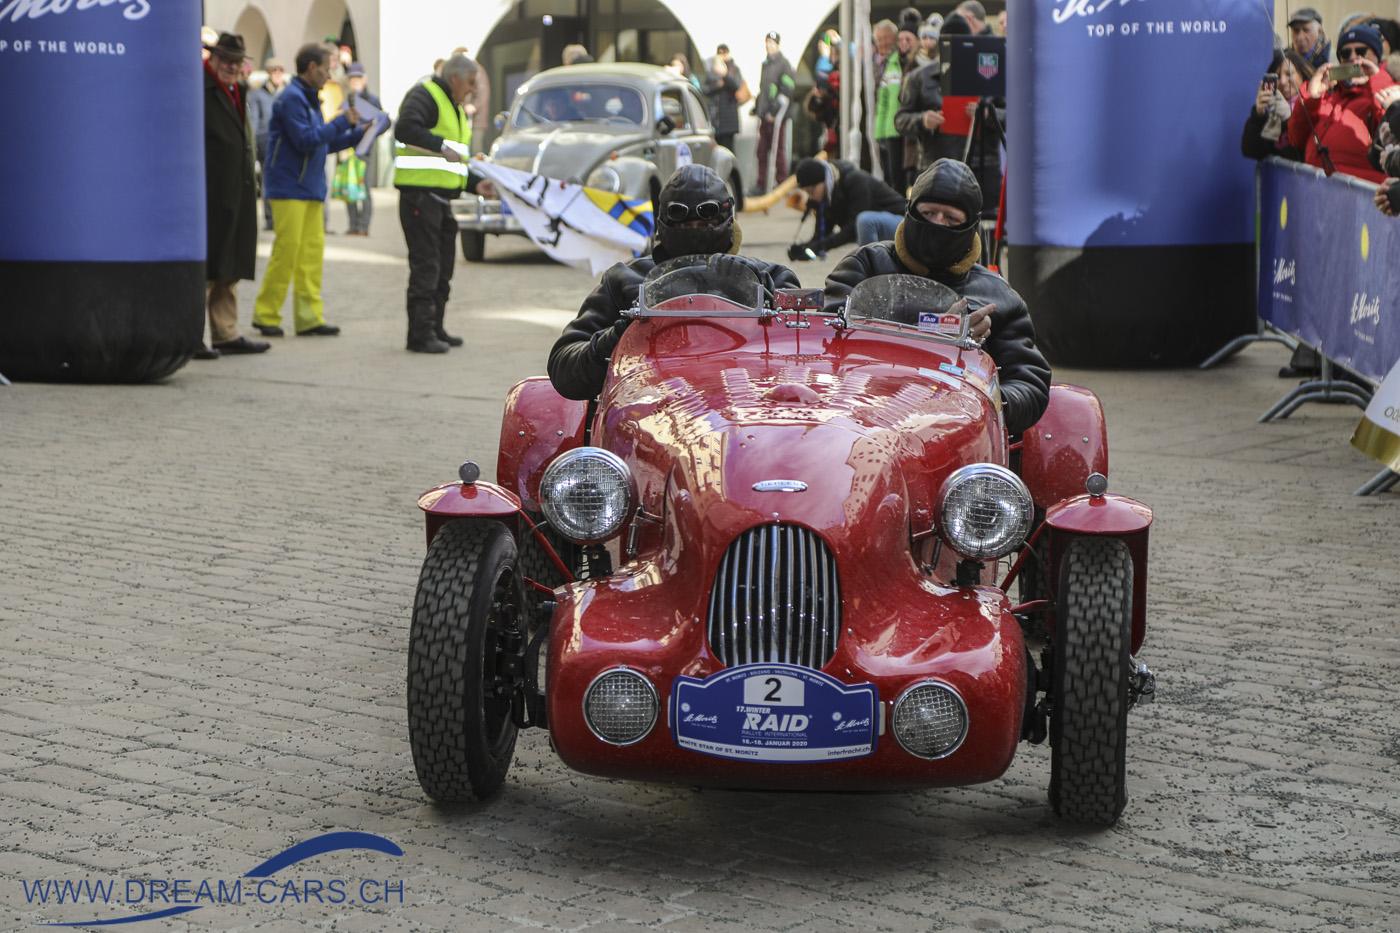 Der rote Healey X1 Prototype Red Bug von 1946 eröffnet den 17. WinterRAID, hier beim Start in St. Moritz am 16. Januar